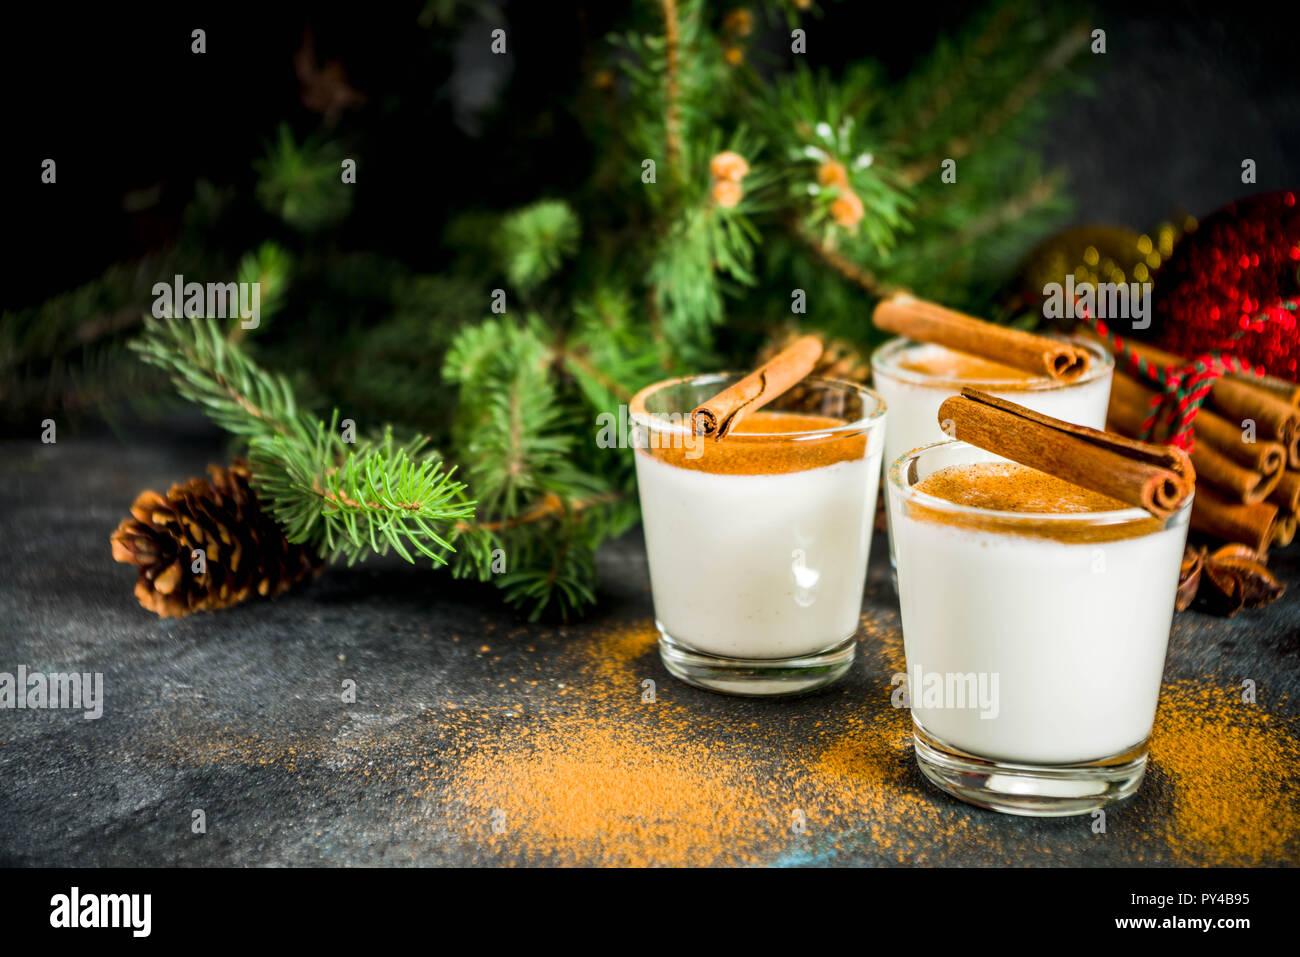 Weihnachten Eierlikör Likör trinken oder Cola de mono Cocktail ...